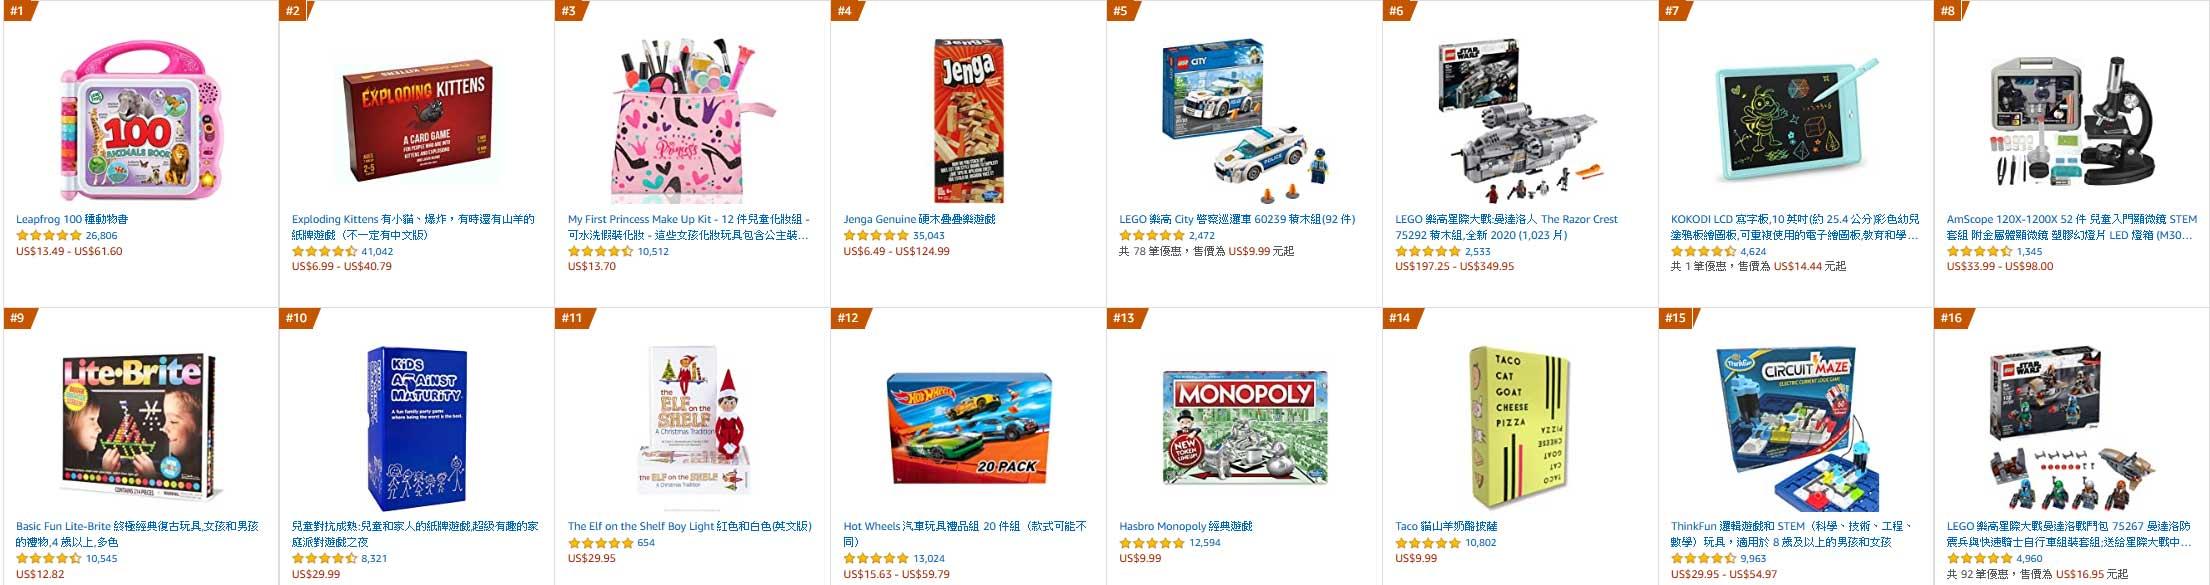 Amazon US寄到台灣滿75元免運:亞馬遜購物推薦